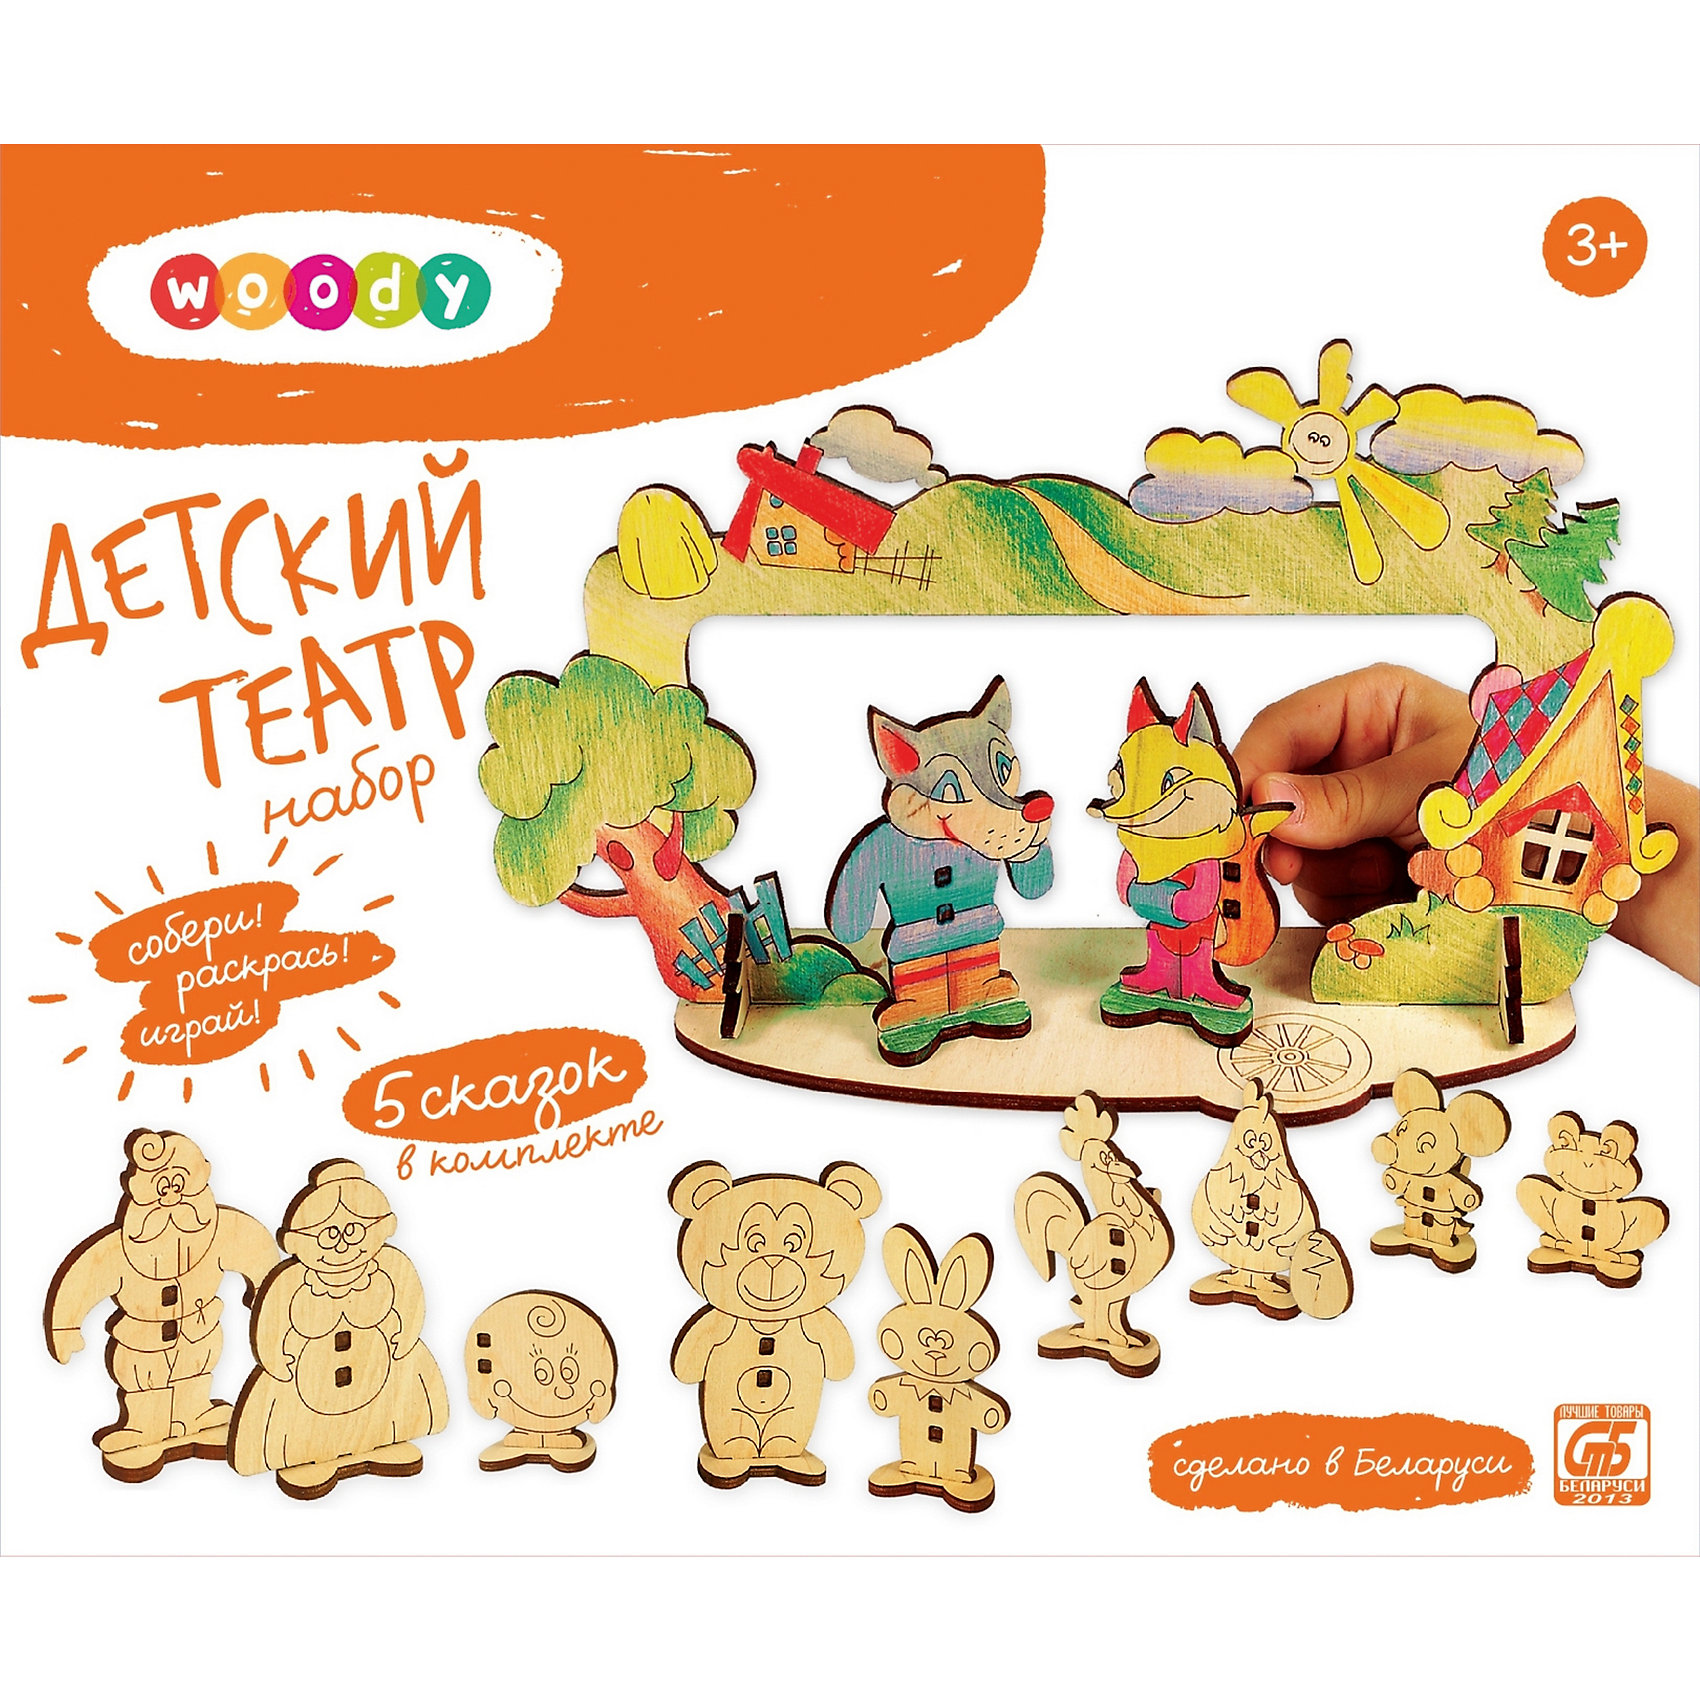 Набор Детский театрДеревянные конструкторы<br>Дети постоянно чему-то учатся, сделать процесс познавания мира для малышей - просто! Интересная обучающая игрушка Детский театр - это деревянные фигурки в виде героев сказок и декораций, из них можно собрать целый кукольный театр! <br>Этот набор обязательно займет ребенка! Игра с ним помогает детям развивать мелкую моторику, наблюдательность, творческие способности и познавать мир, его можно раскрасить по своему усмотрению. Обучающая игрушка сделана из качественных и безопасных для ребенка материалов - натурального дерева. В наборе: 5 сказок  - Колобок, Теремок, Курочка Ряба, Лиса и медведь и Заюшкина избушка.<br><br>Дополнительная информация:<br><br>цвет: дерево;<br>размер упаковки: 28 х 23 х 6 см;<br>вес: 365 г;<br>5 сказок;<br>материал: дерево.<br><br>Набор Детский театр можно купить в нашем магазине.<br><br>Ширина мм: 280<br>Глубина мм: 60<br>Высота мм: 230<br>Вес г: 365<br>Возраст от месяцев: 36<br>Возраст до месяцев: 2147483647<br>Пол: Унисекс<br>Возраст: Детский<br>SKU: 4916353